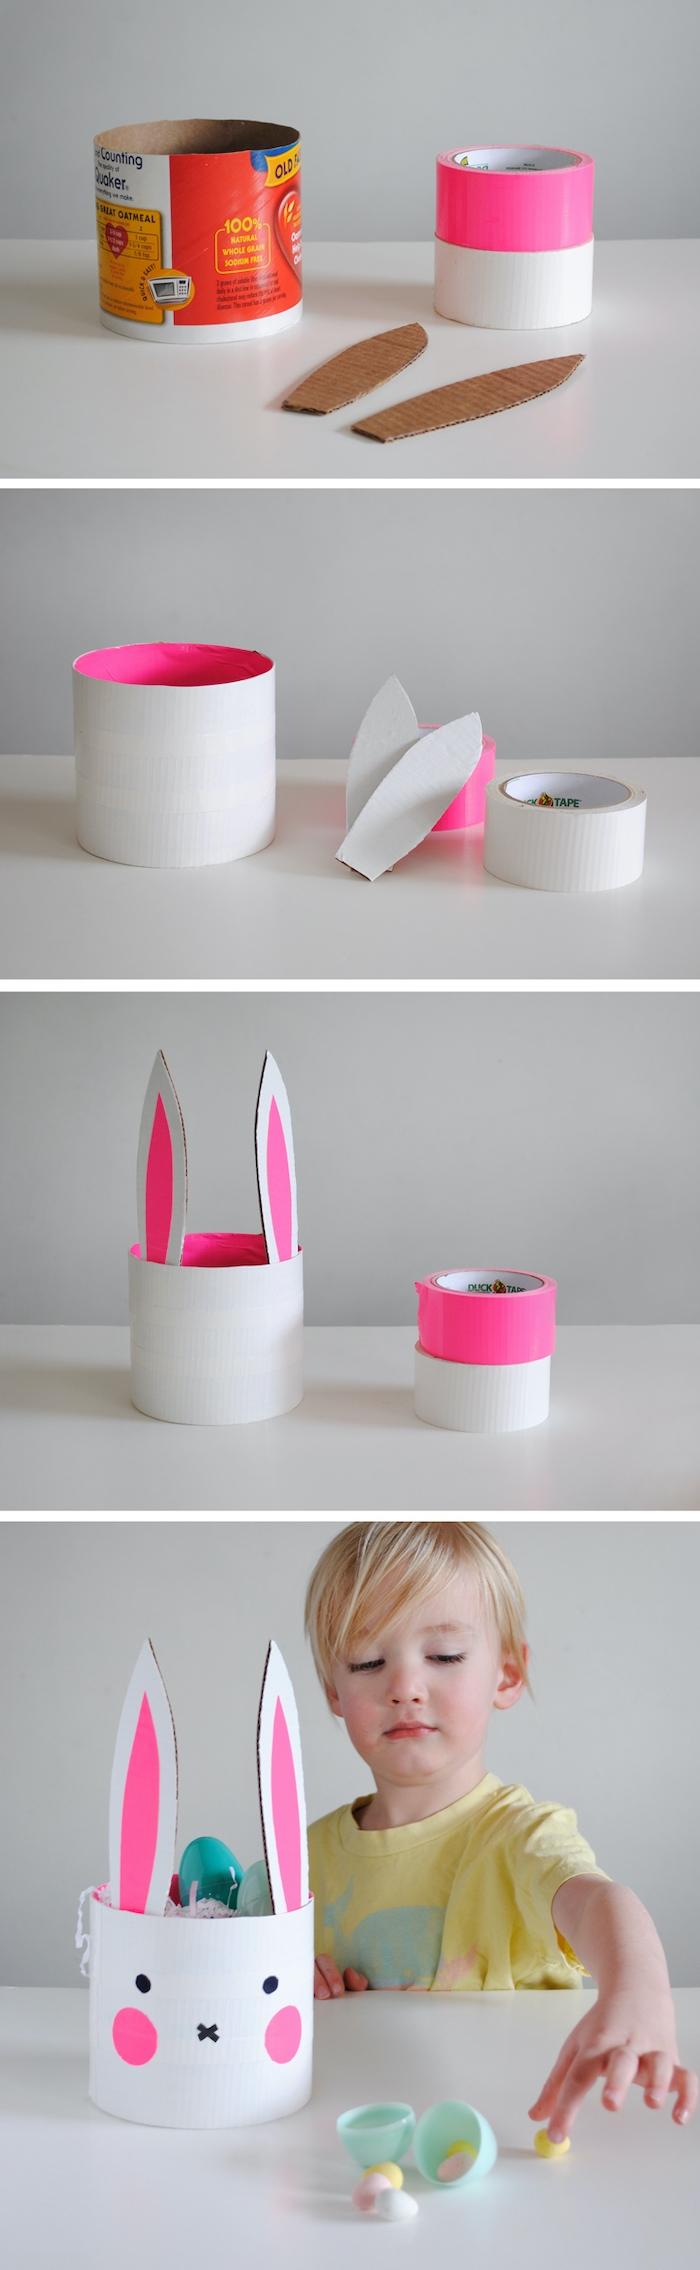 comment fabriquer un panier en papier en forme de lapin activité paques maternelle